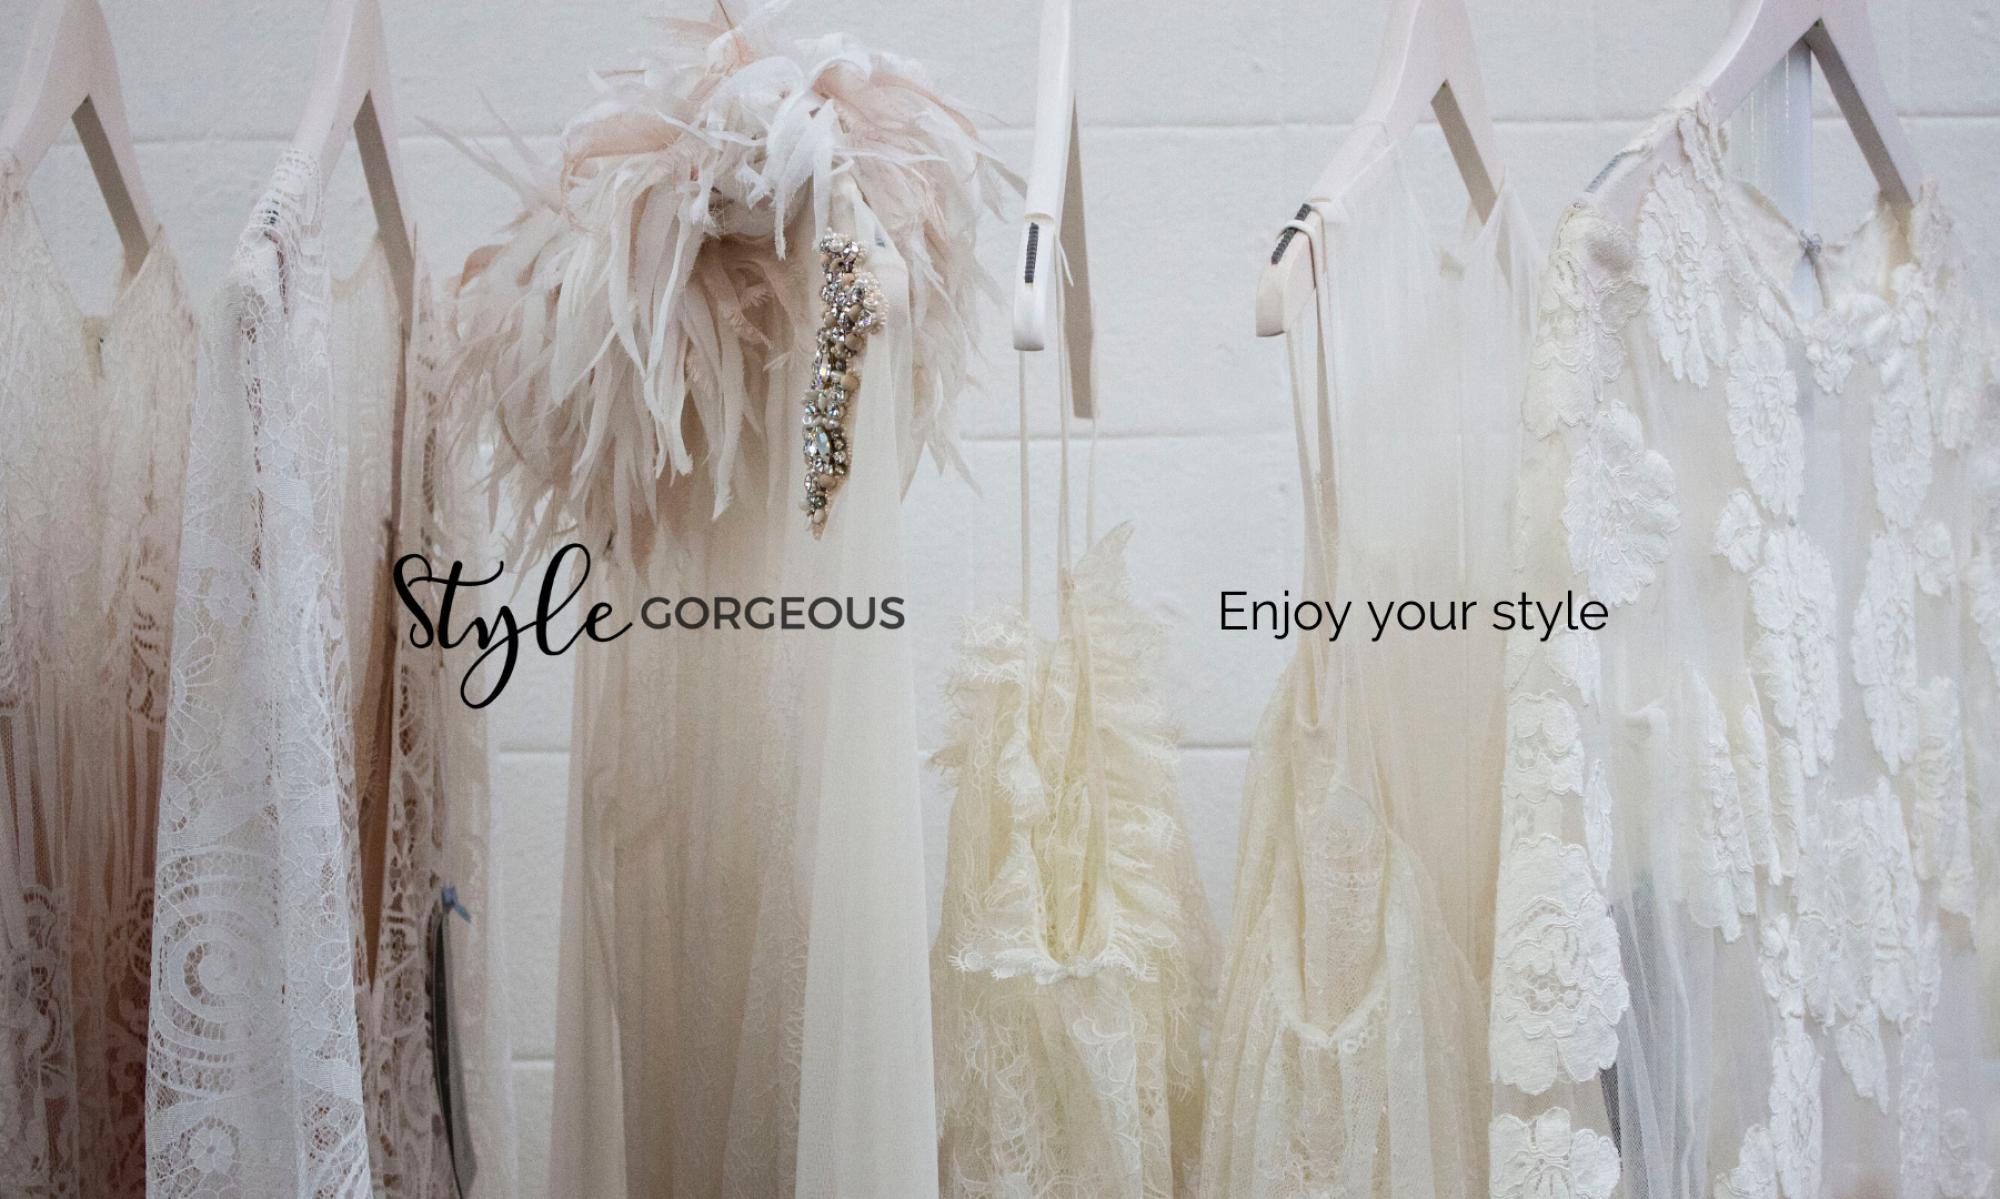 Style Gorgeous